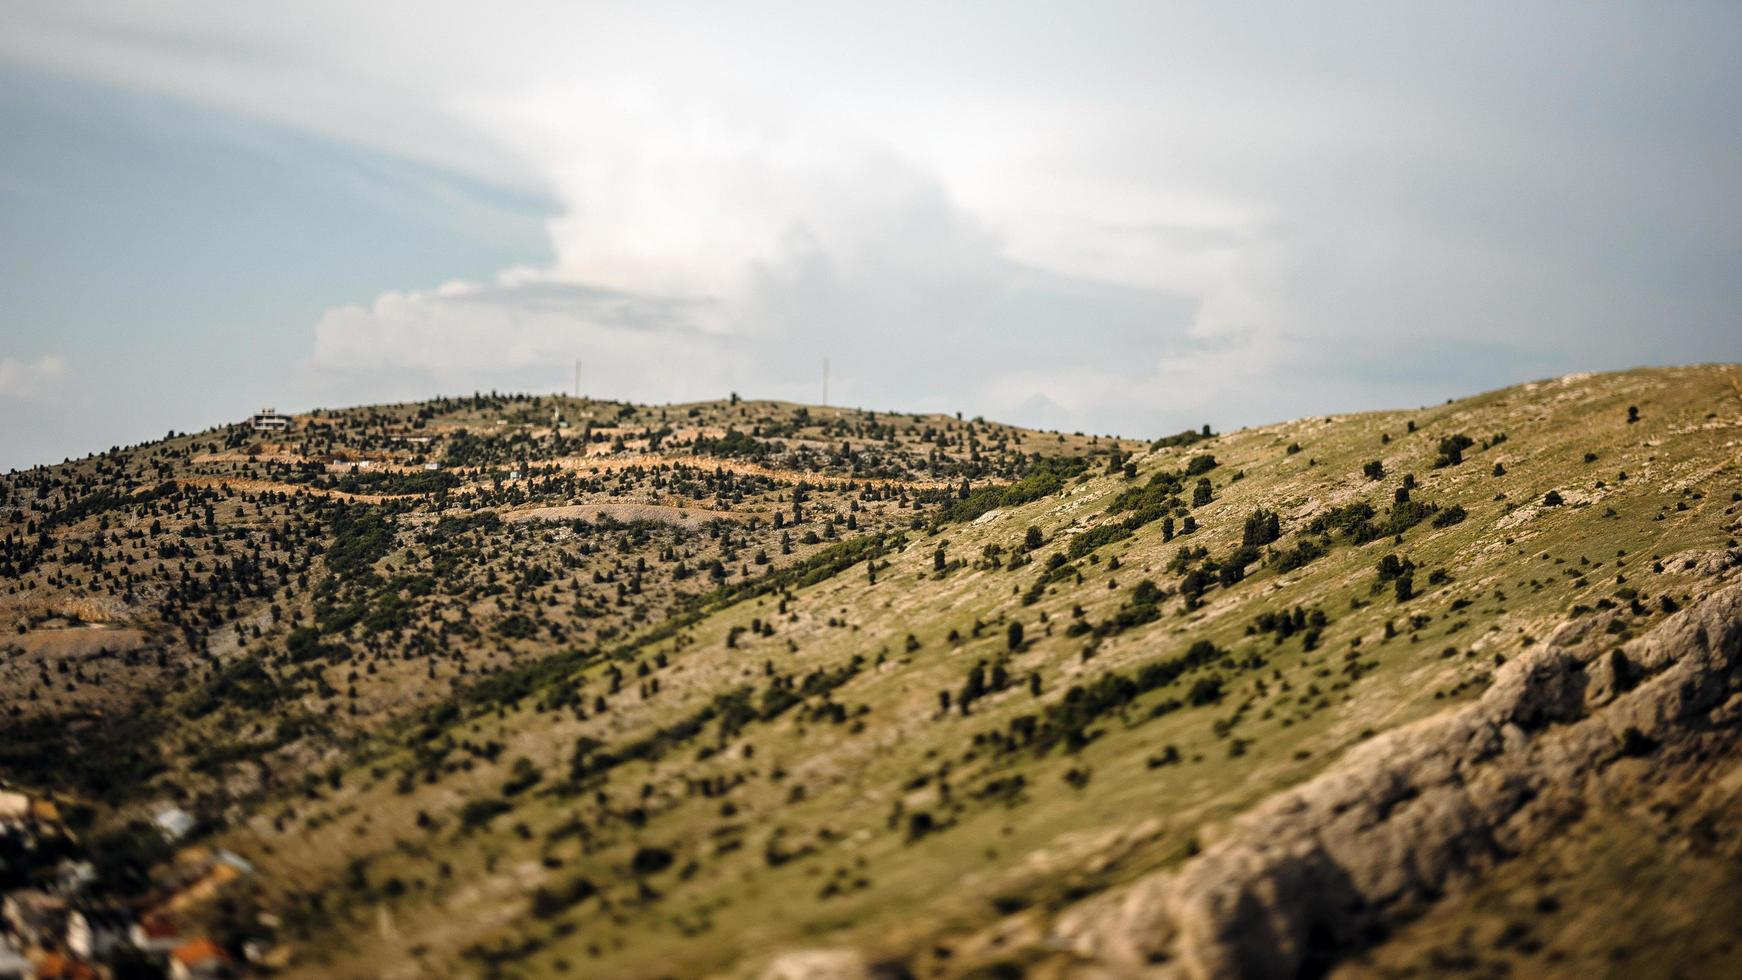 décalage d'inclinaison d'une chaîne de montagnes verte photo